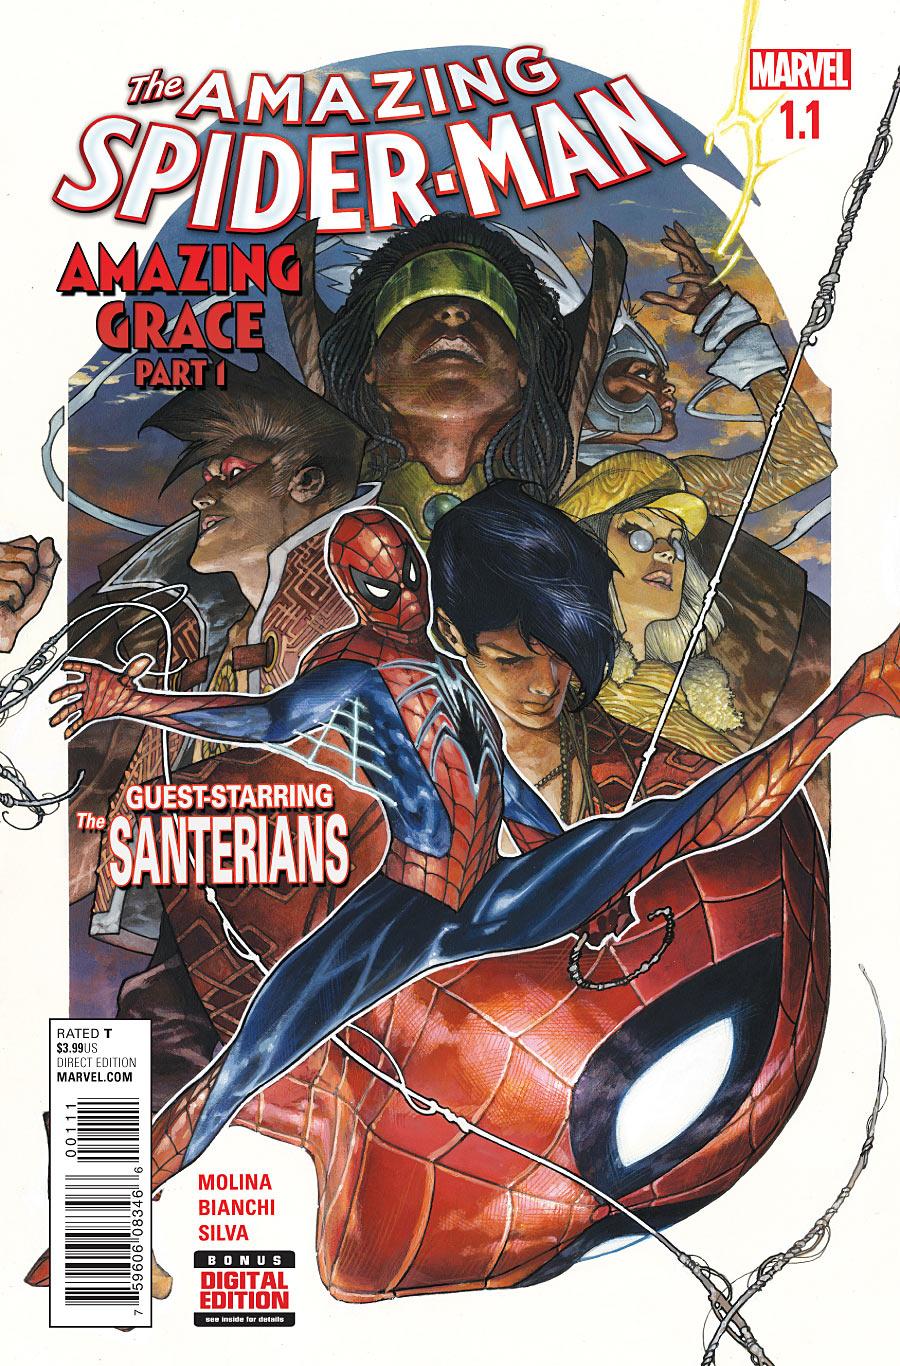 Amazing Spider-Man Vol 4 1.1Fan Feed